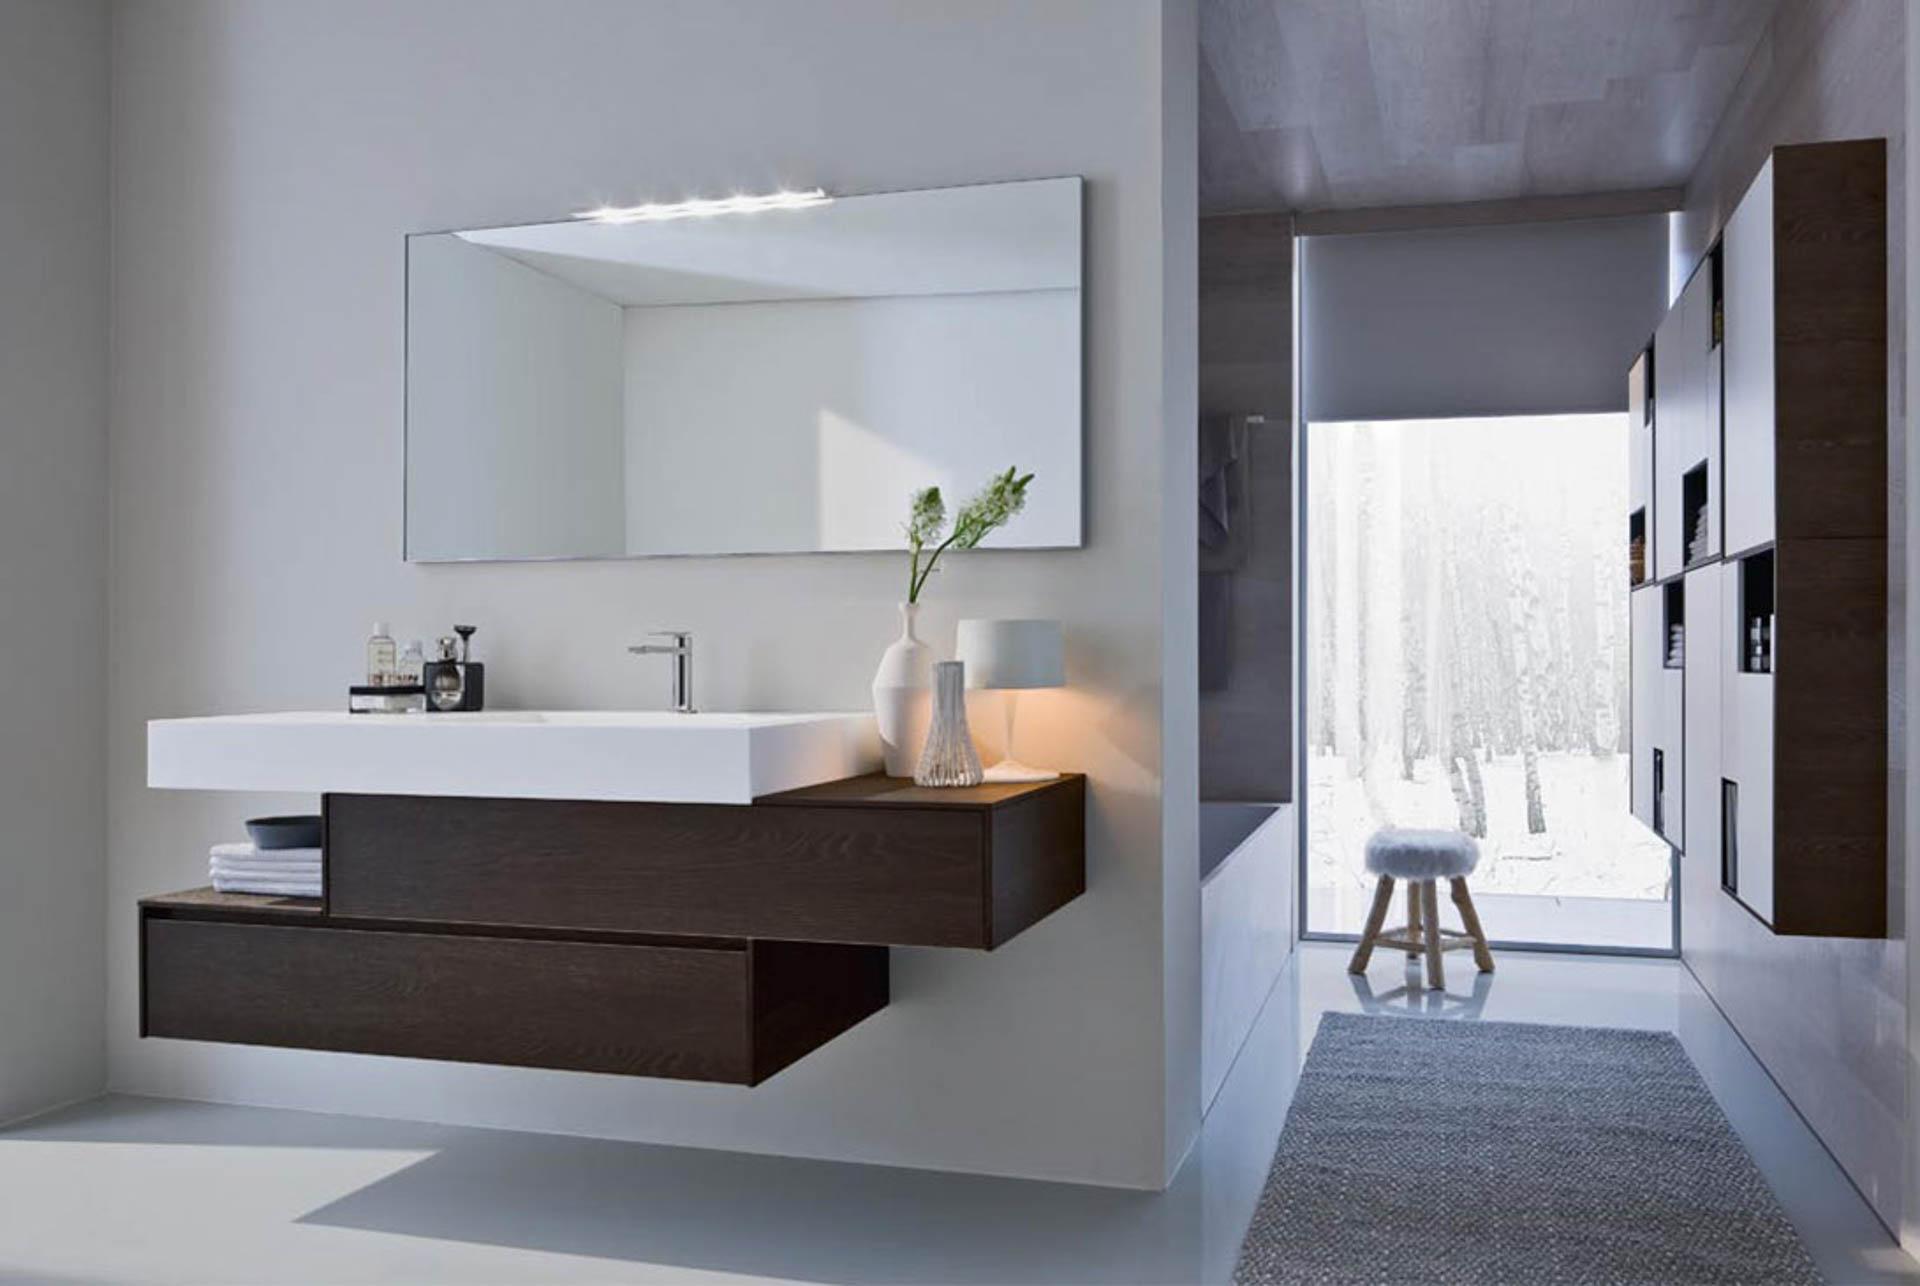 nyu mobili bagno dall 39 eleganza senza tempo orsolini. Black Bedroom Furniture Sets. Home Design Ideas